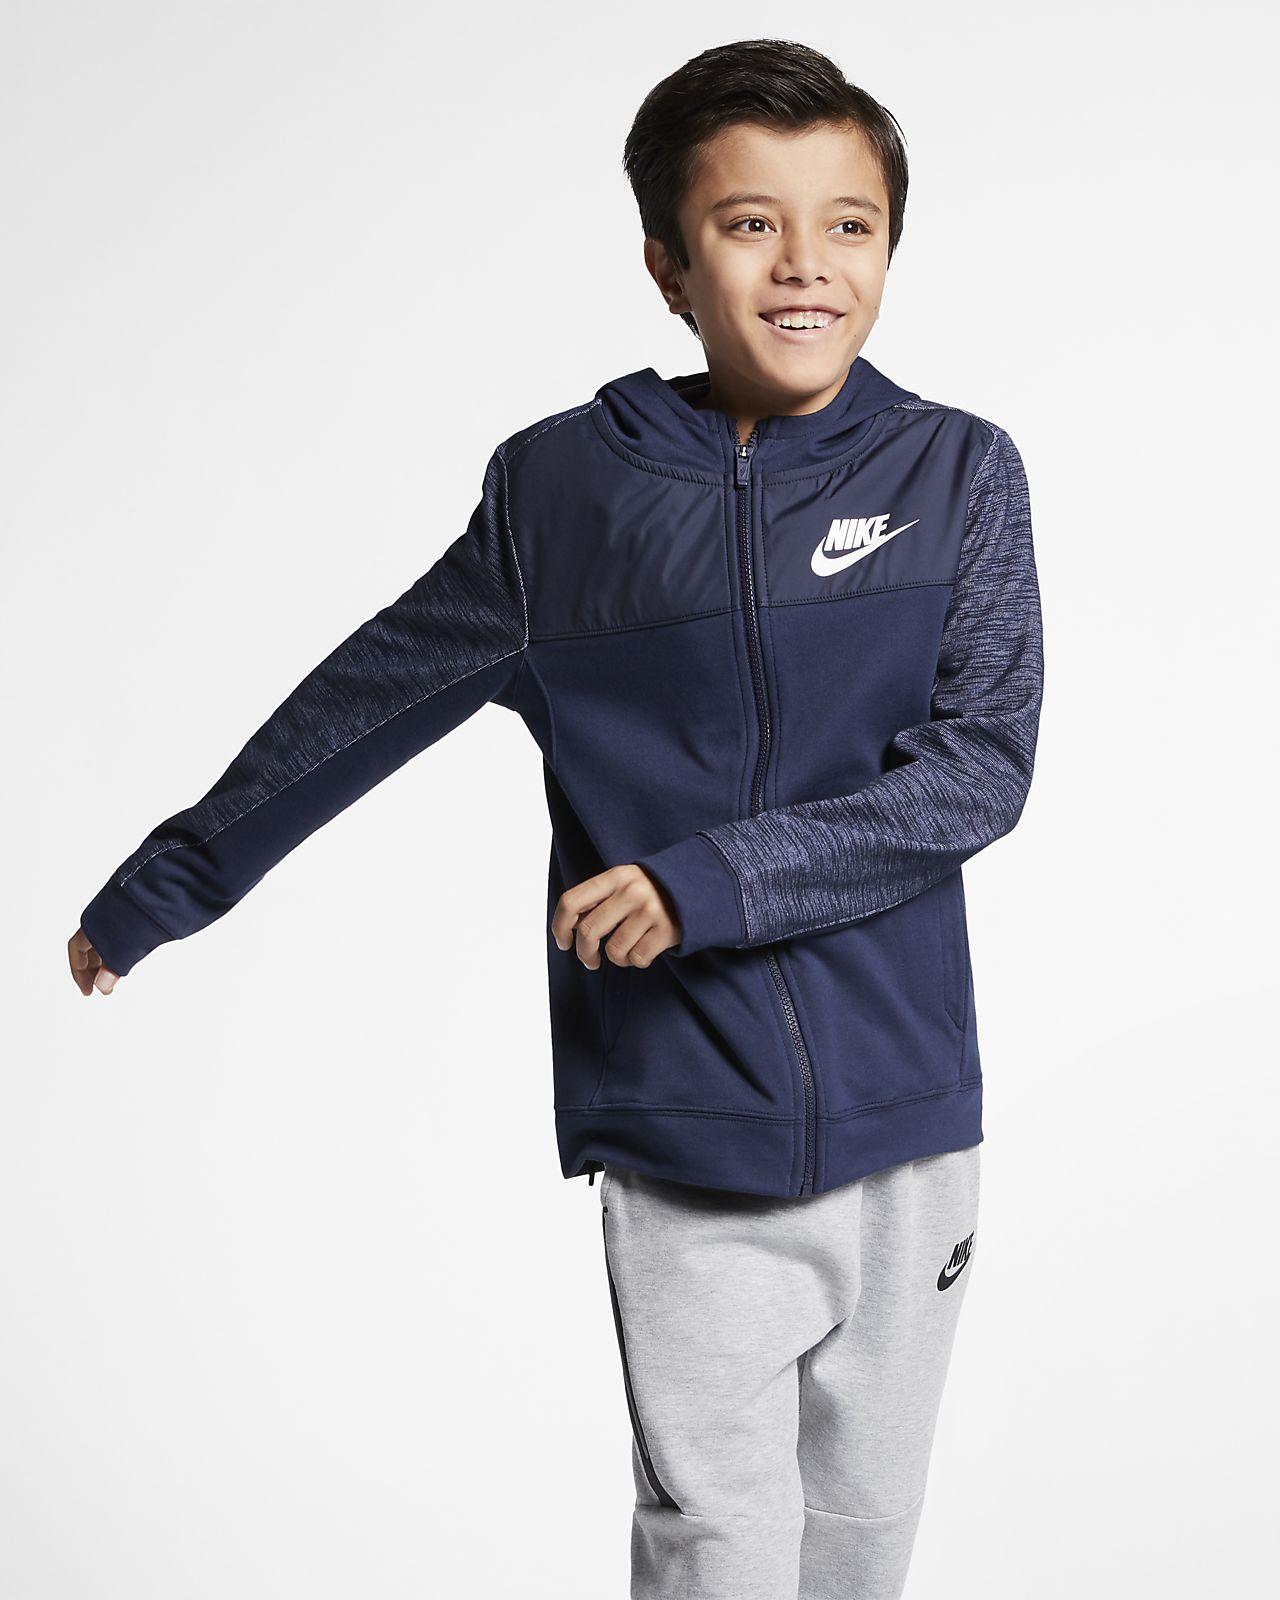 Nike Sportswear Advance 15 Herren Hoodie mit durchgehendem